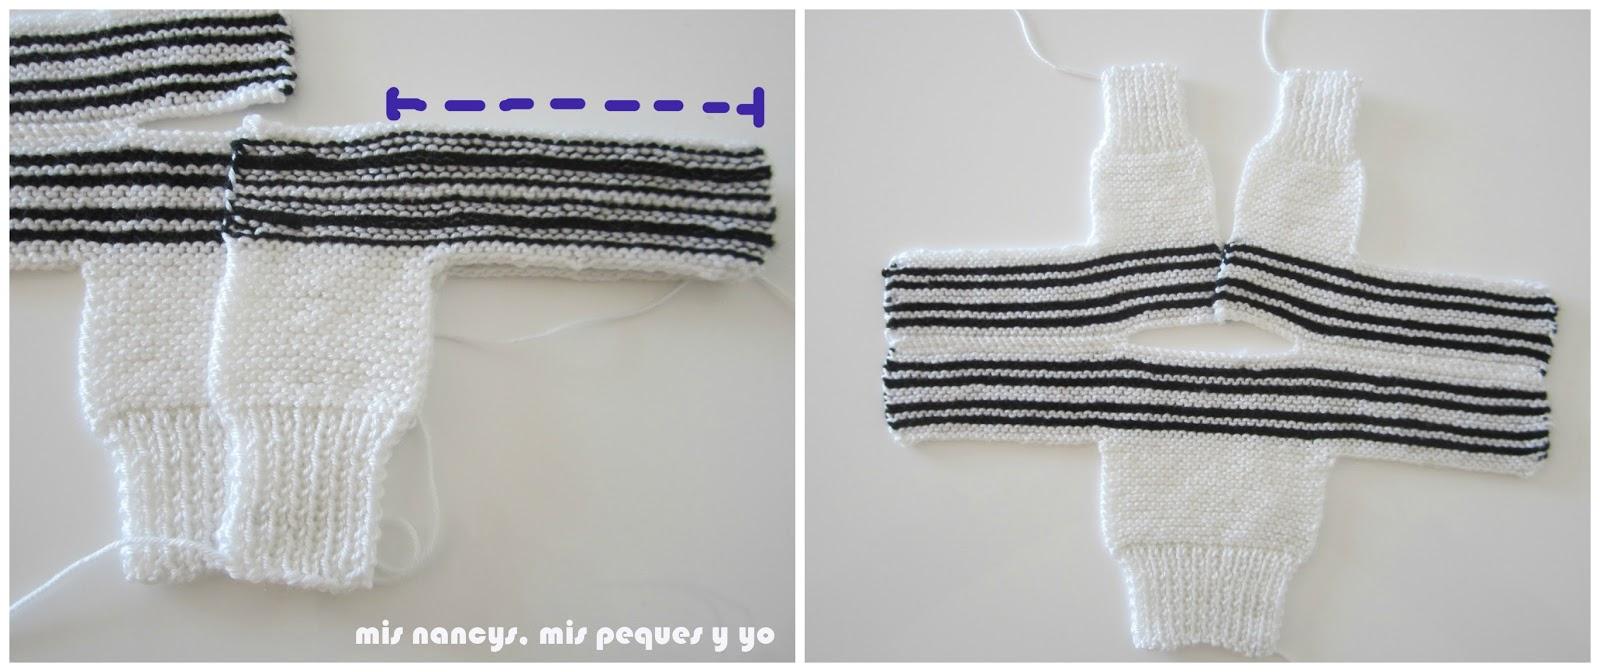 mis nancys, mis peques y yo, tutorial jersey de lana para Nancy, parte delantera, cosemos otro hombro